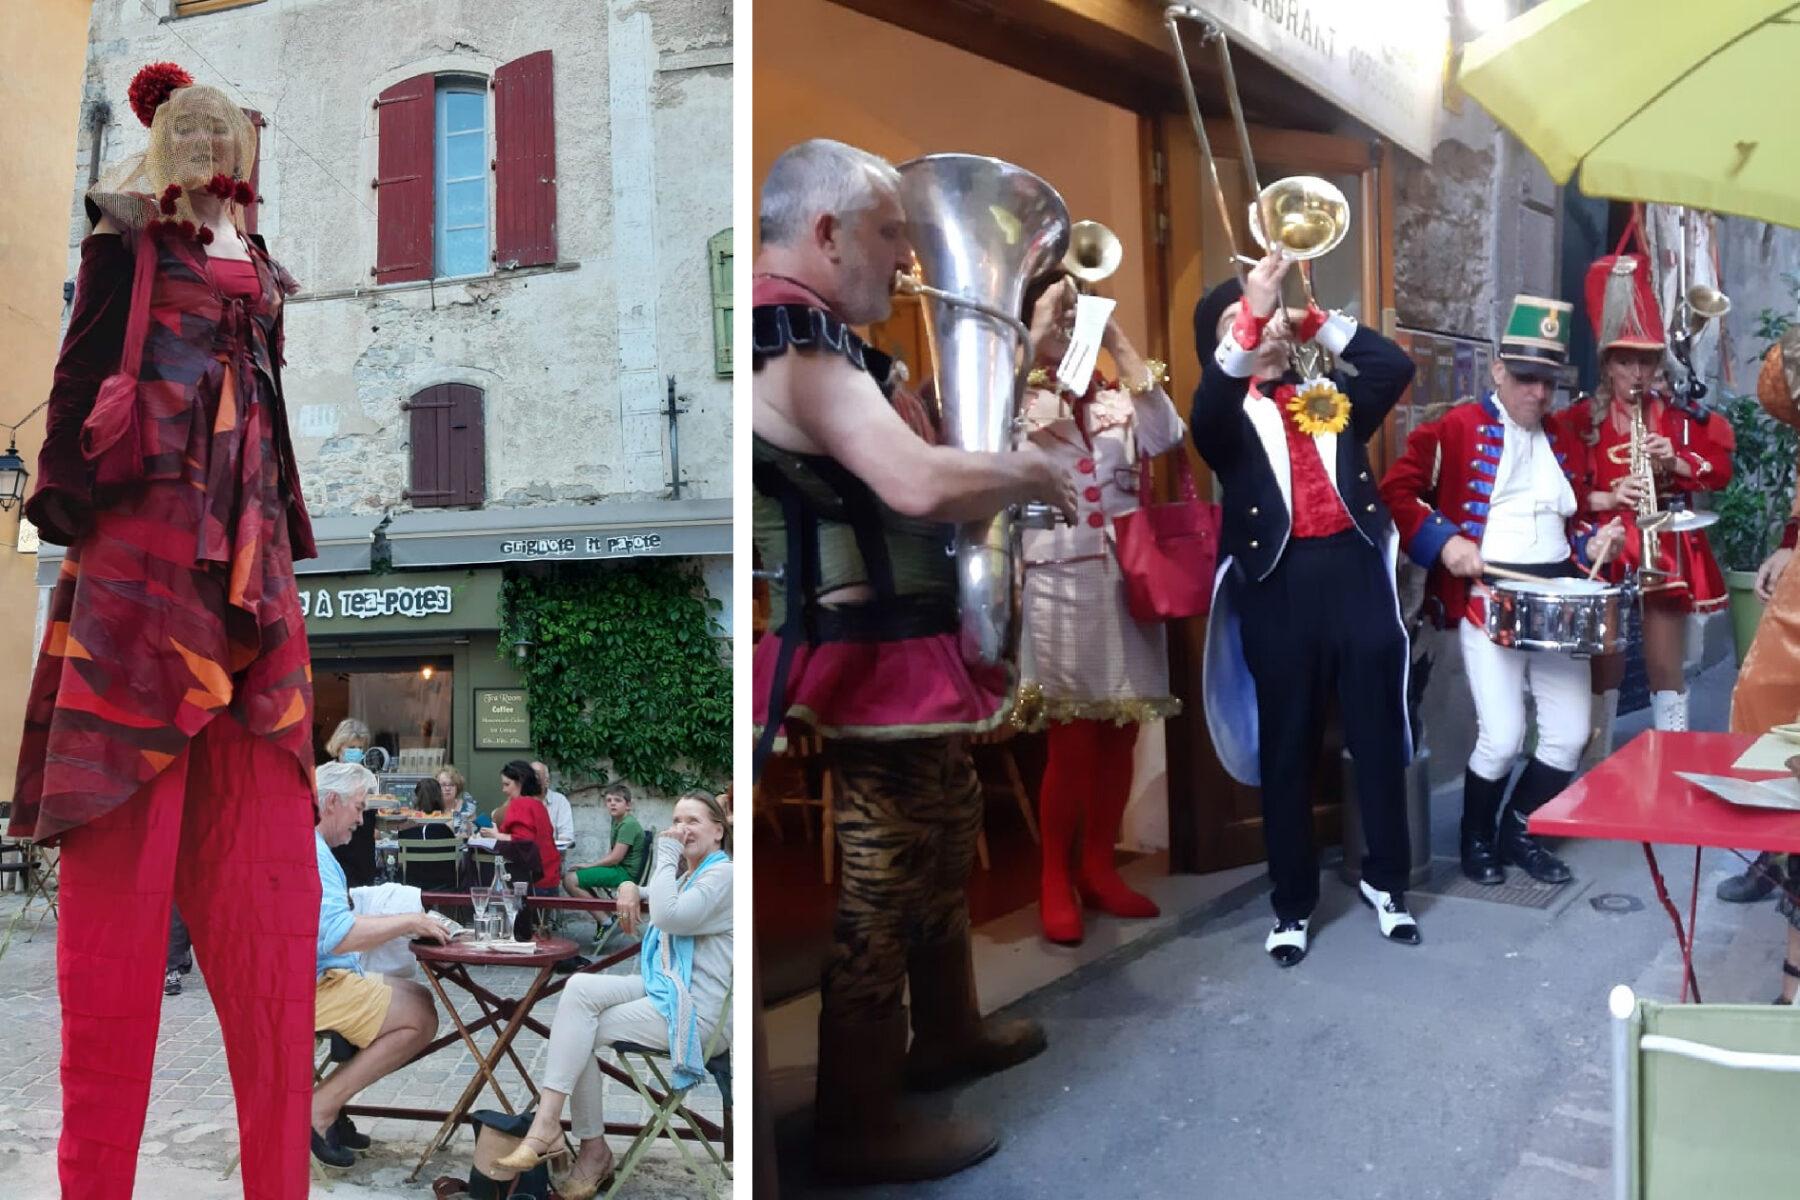 Tube de Cirque : parade circassienne - Fête de la Musique 2020 à Anduze